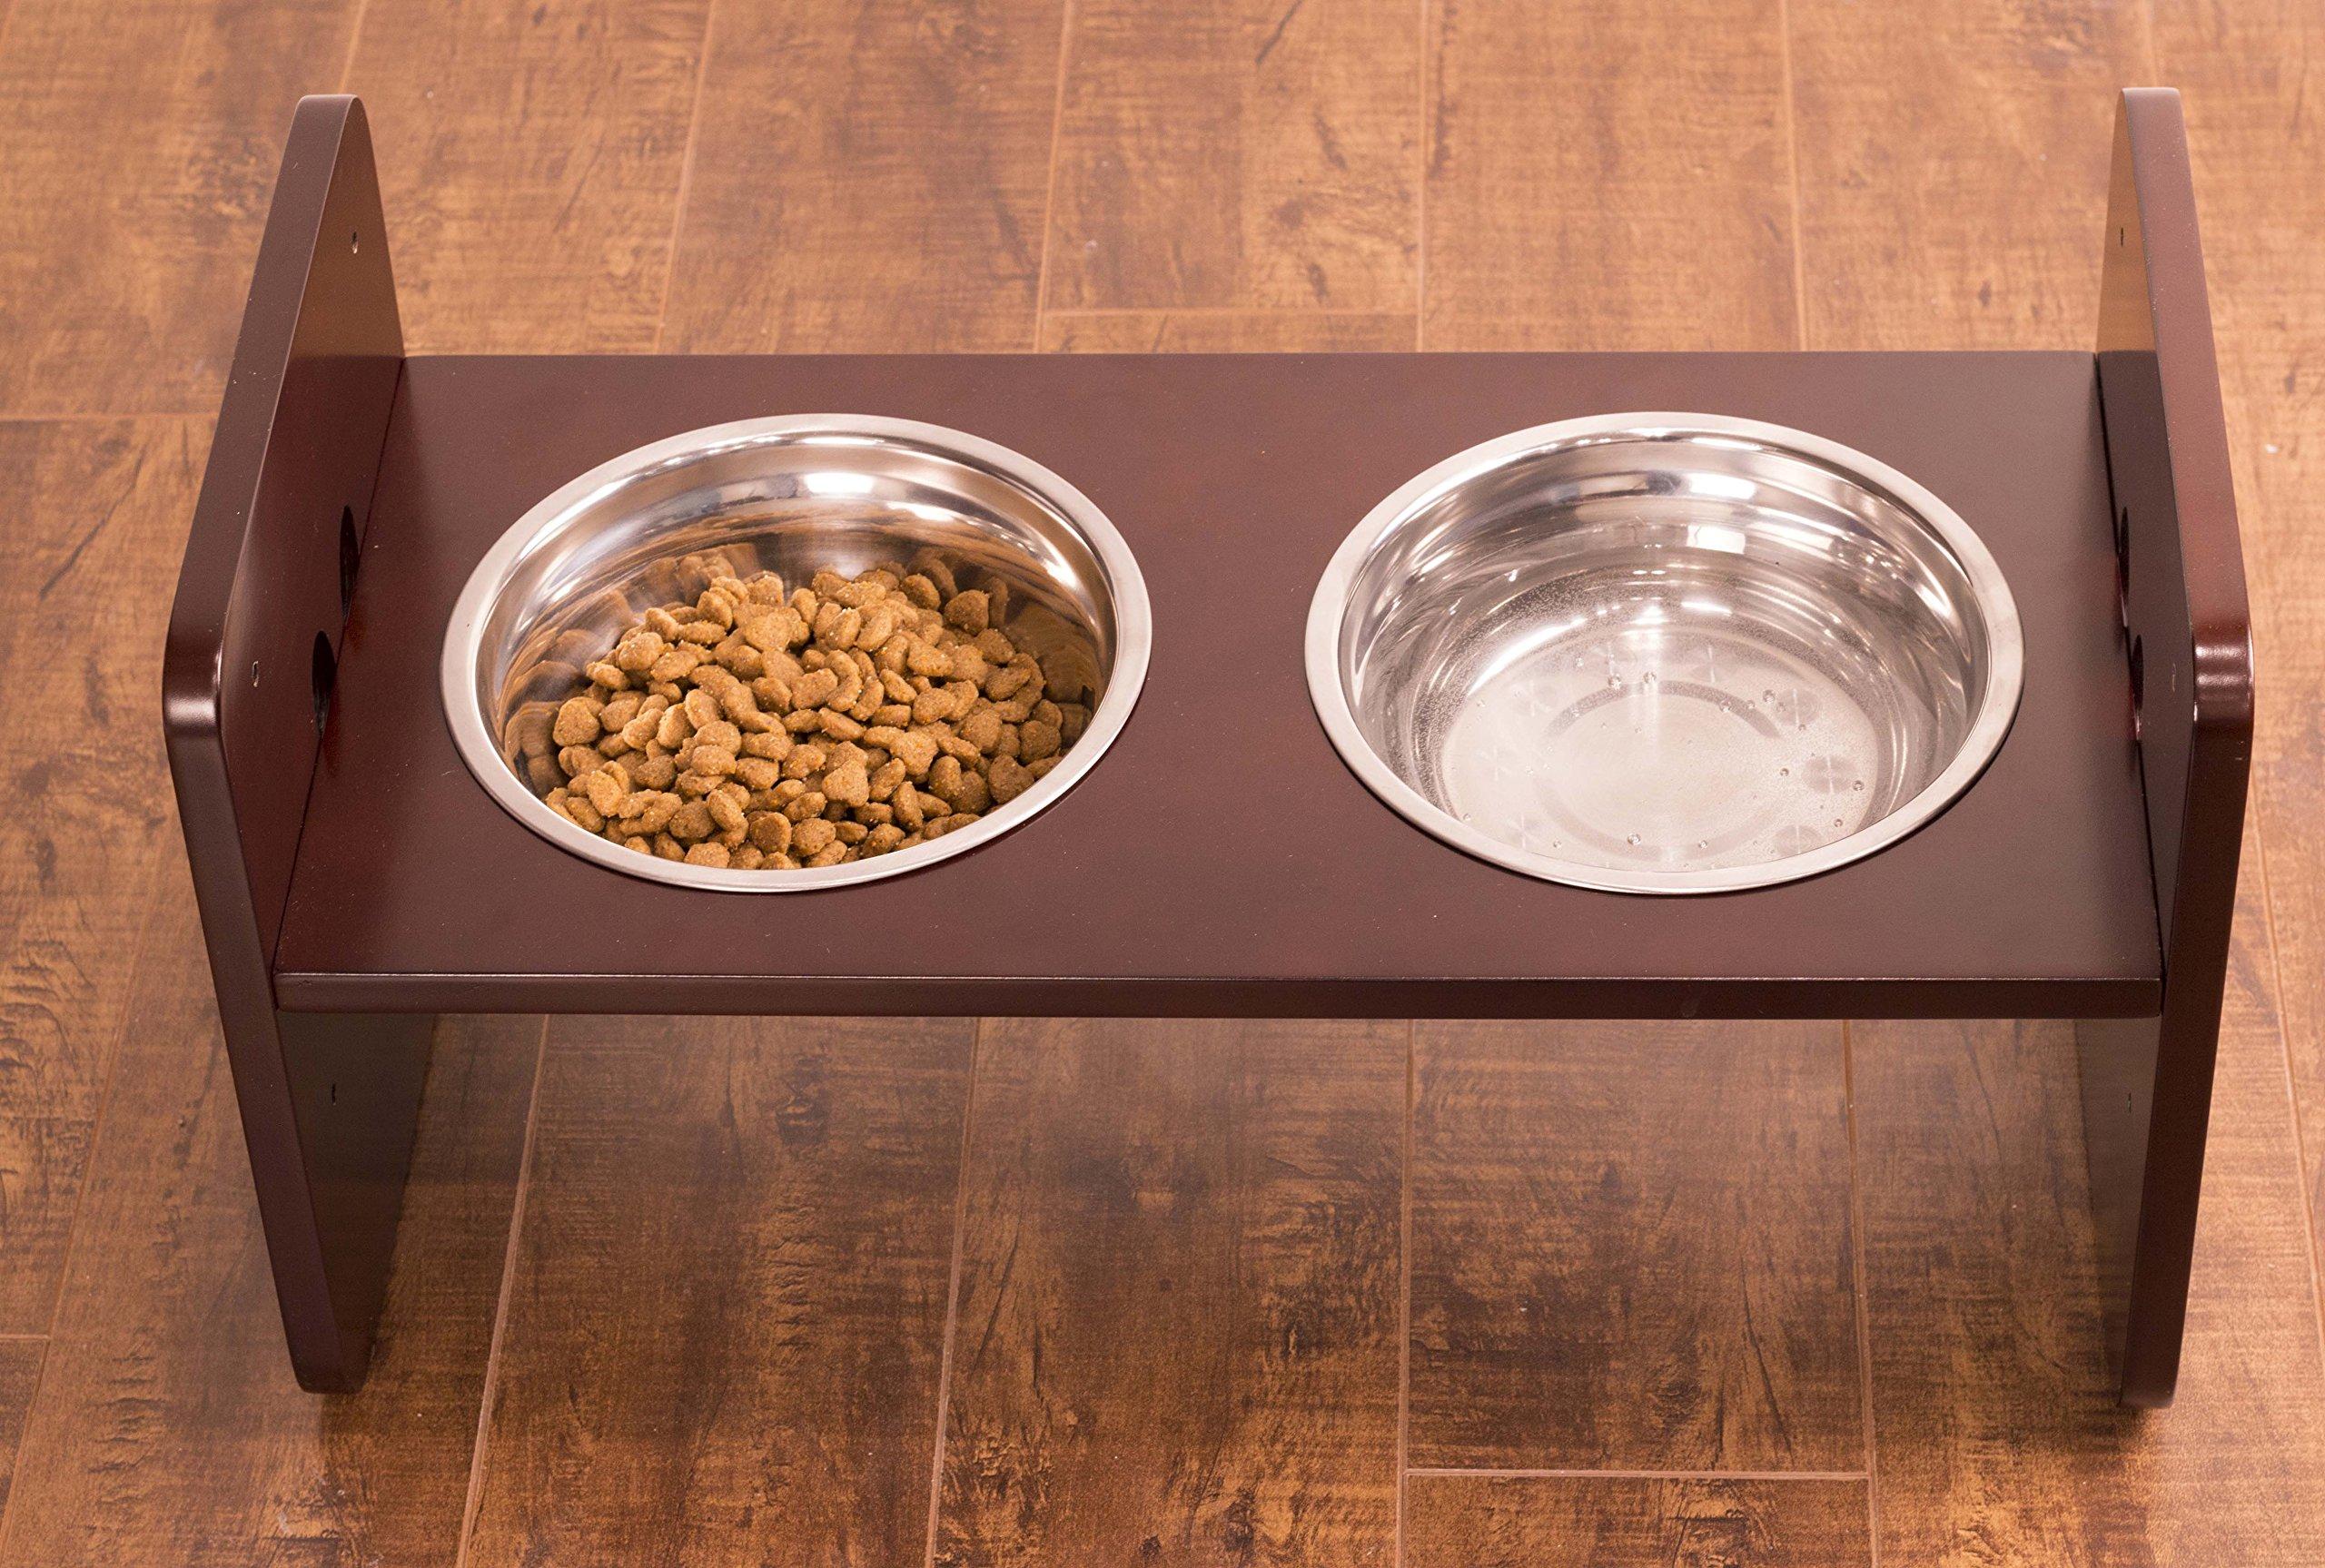 zoovilla Adjustable Pet Feeder by zoovilla (Image #6)